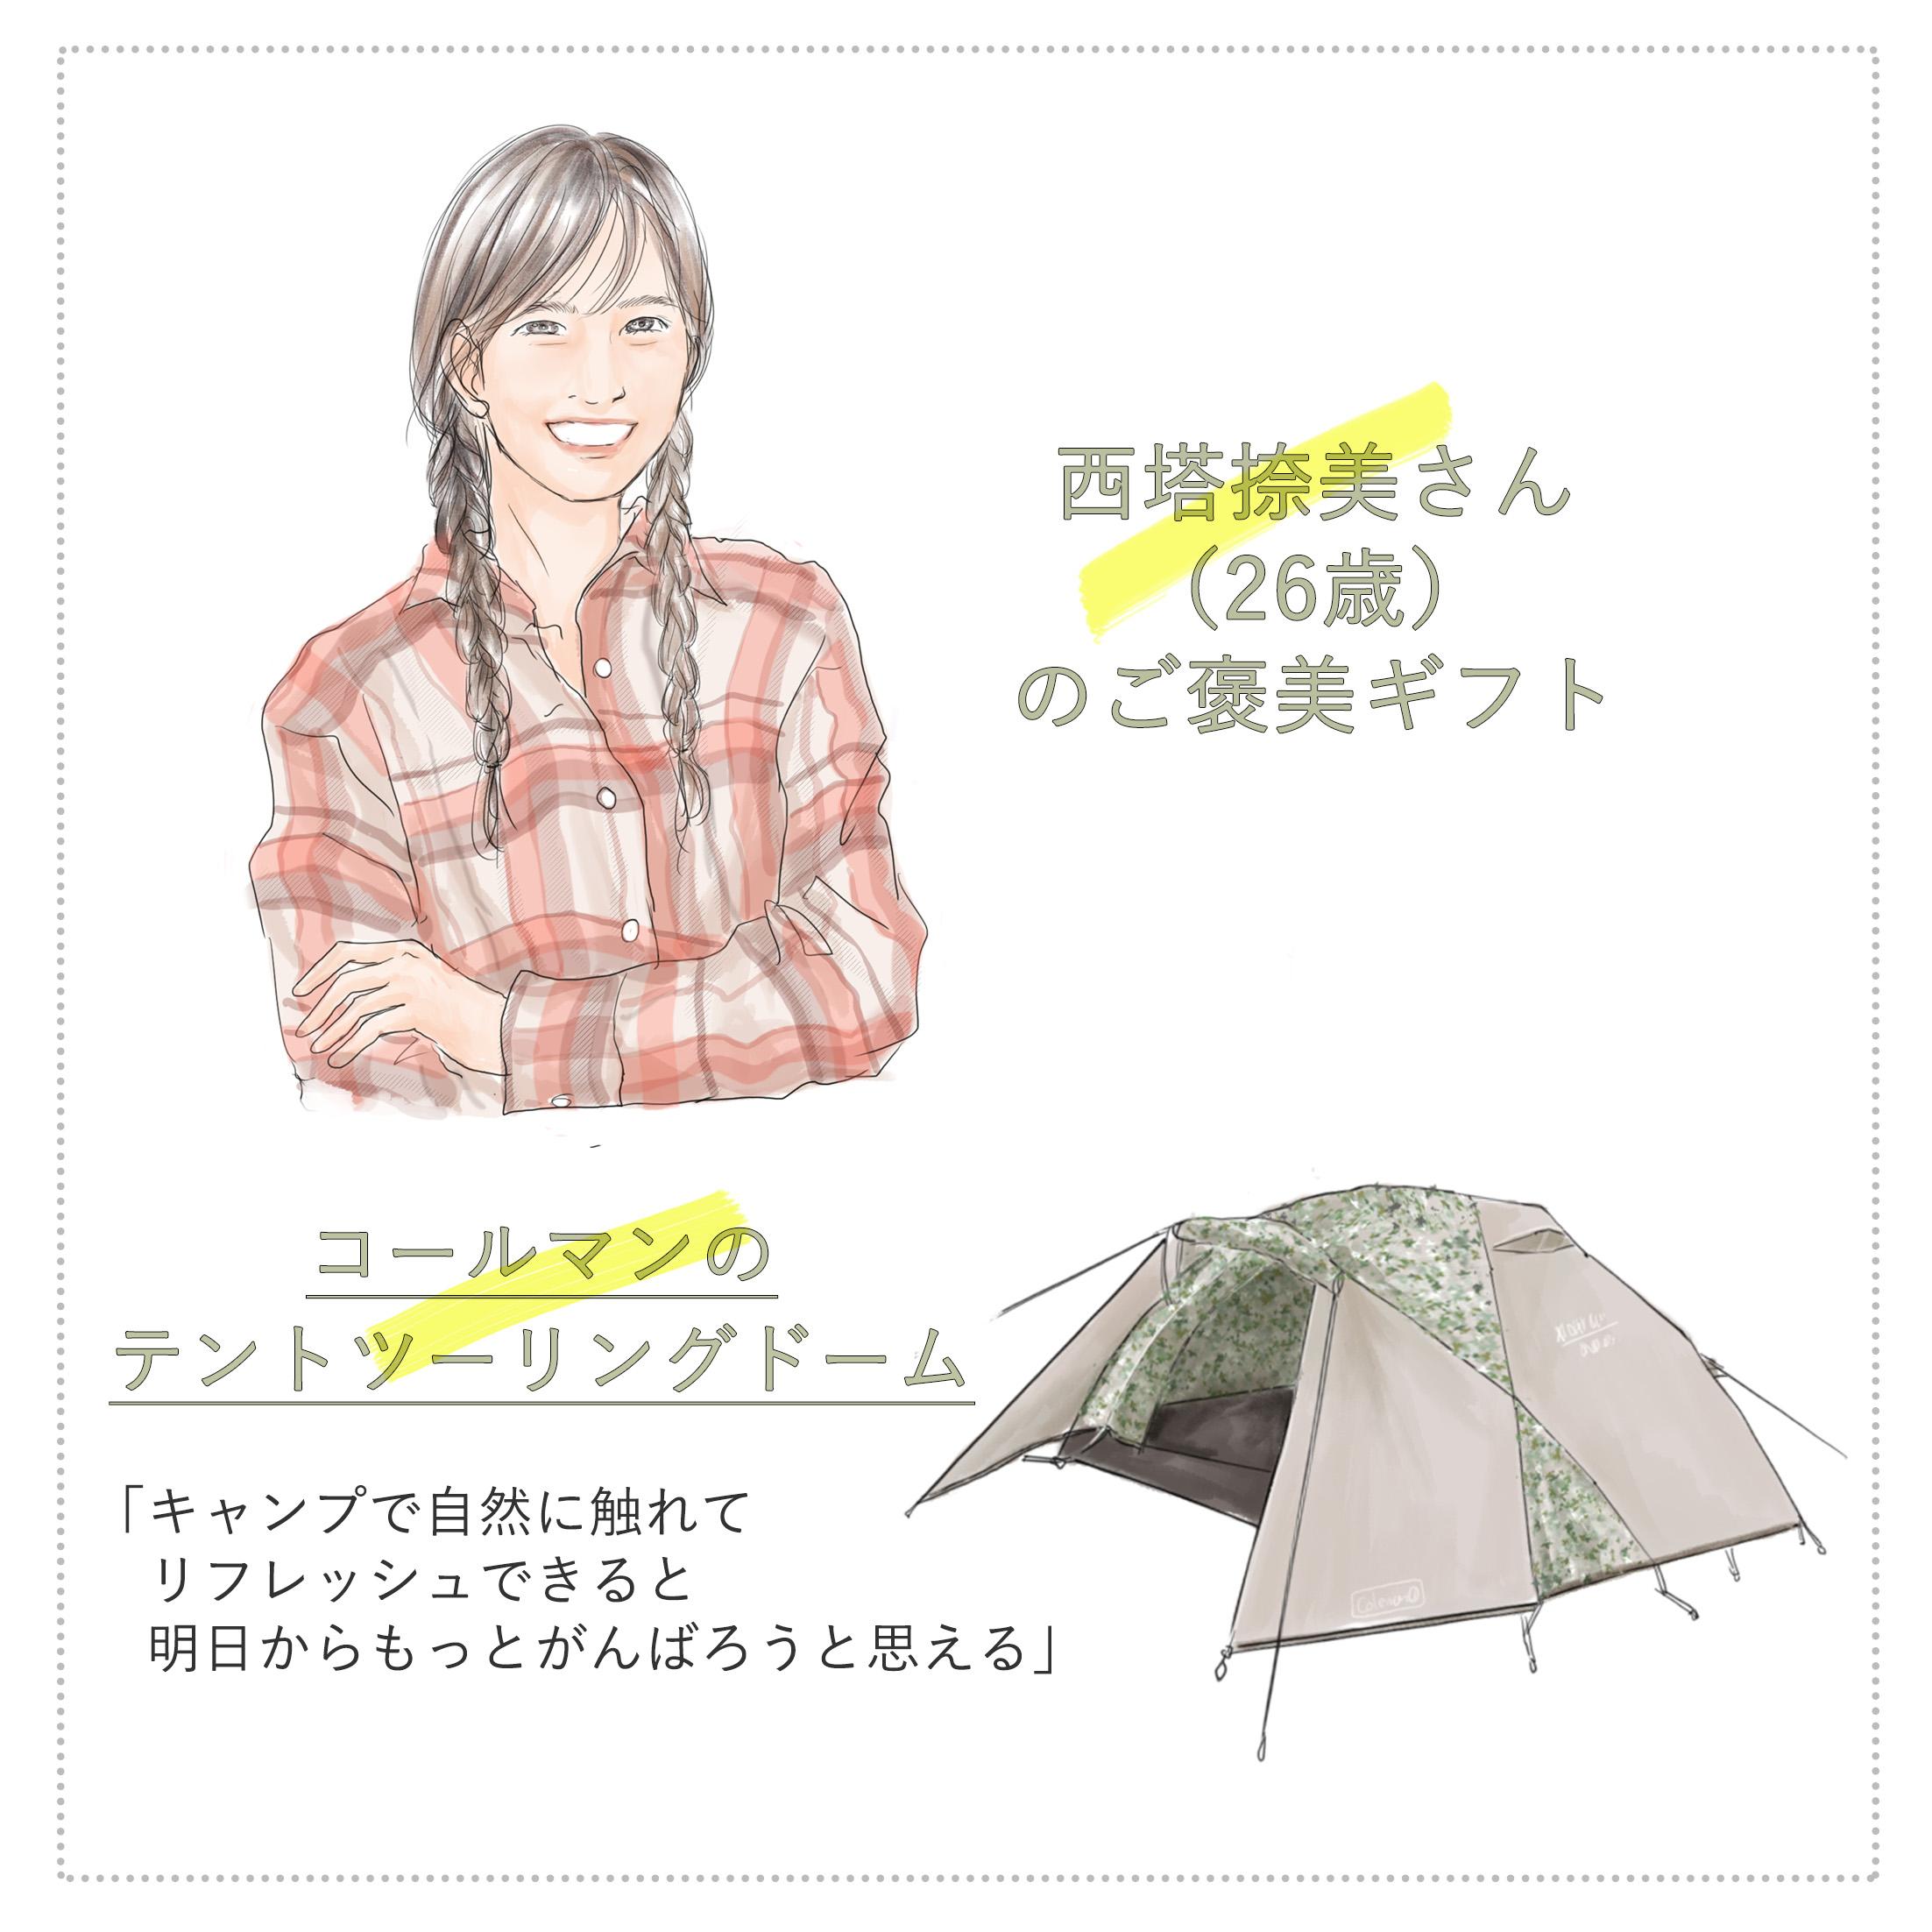 ITマーケティング企業の営業職の西塔捺美さん(26歳)